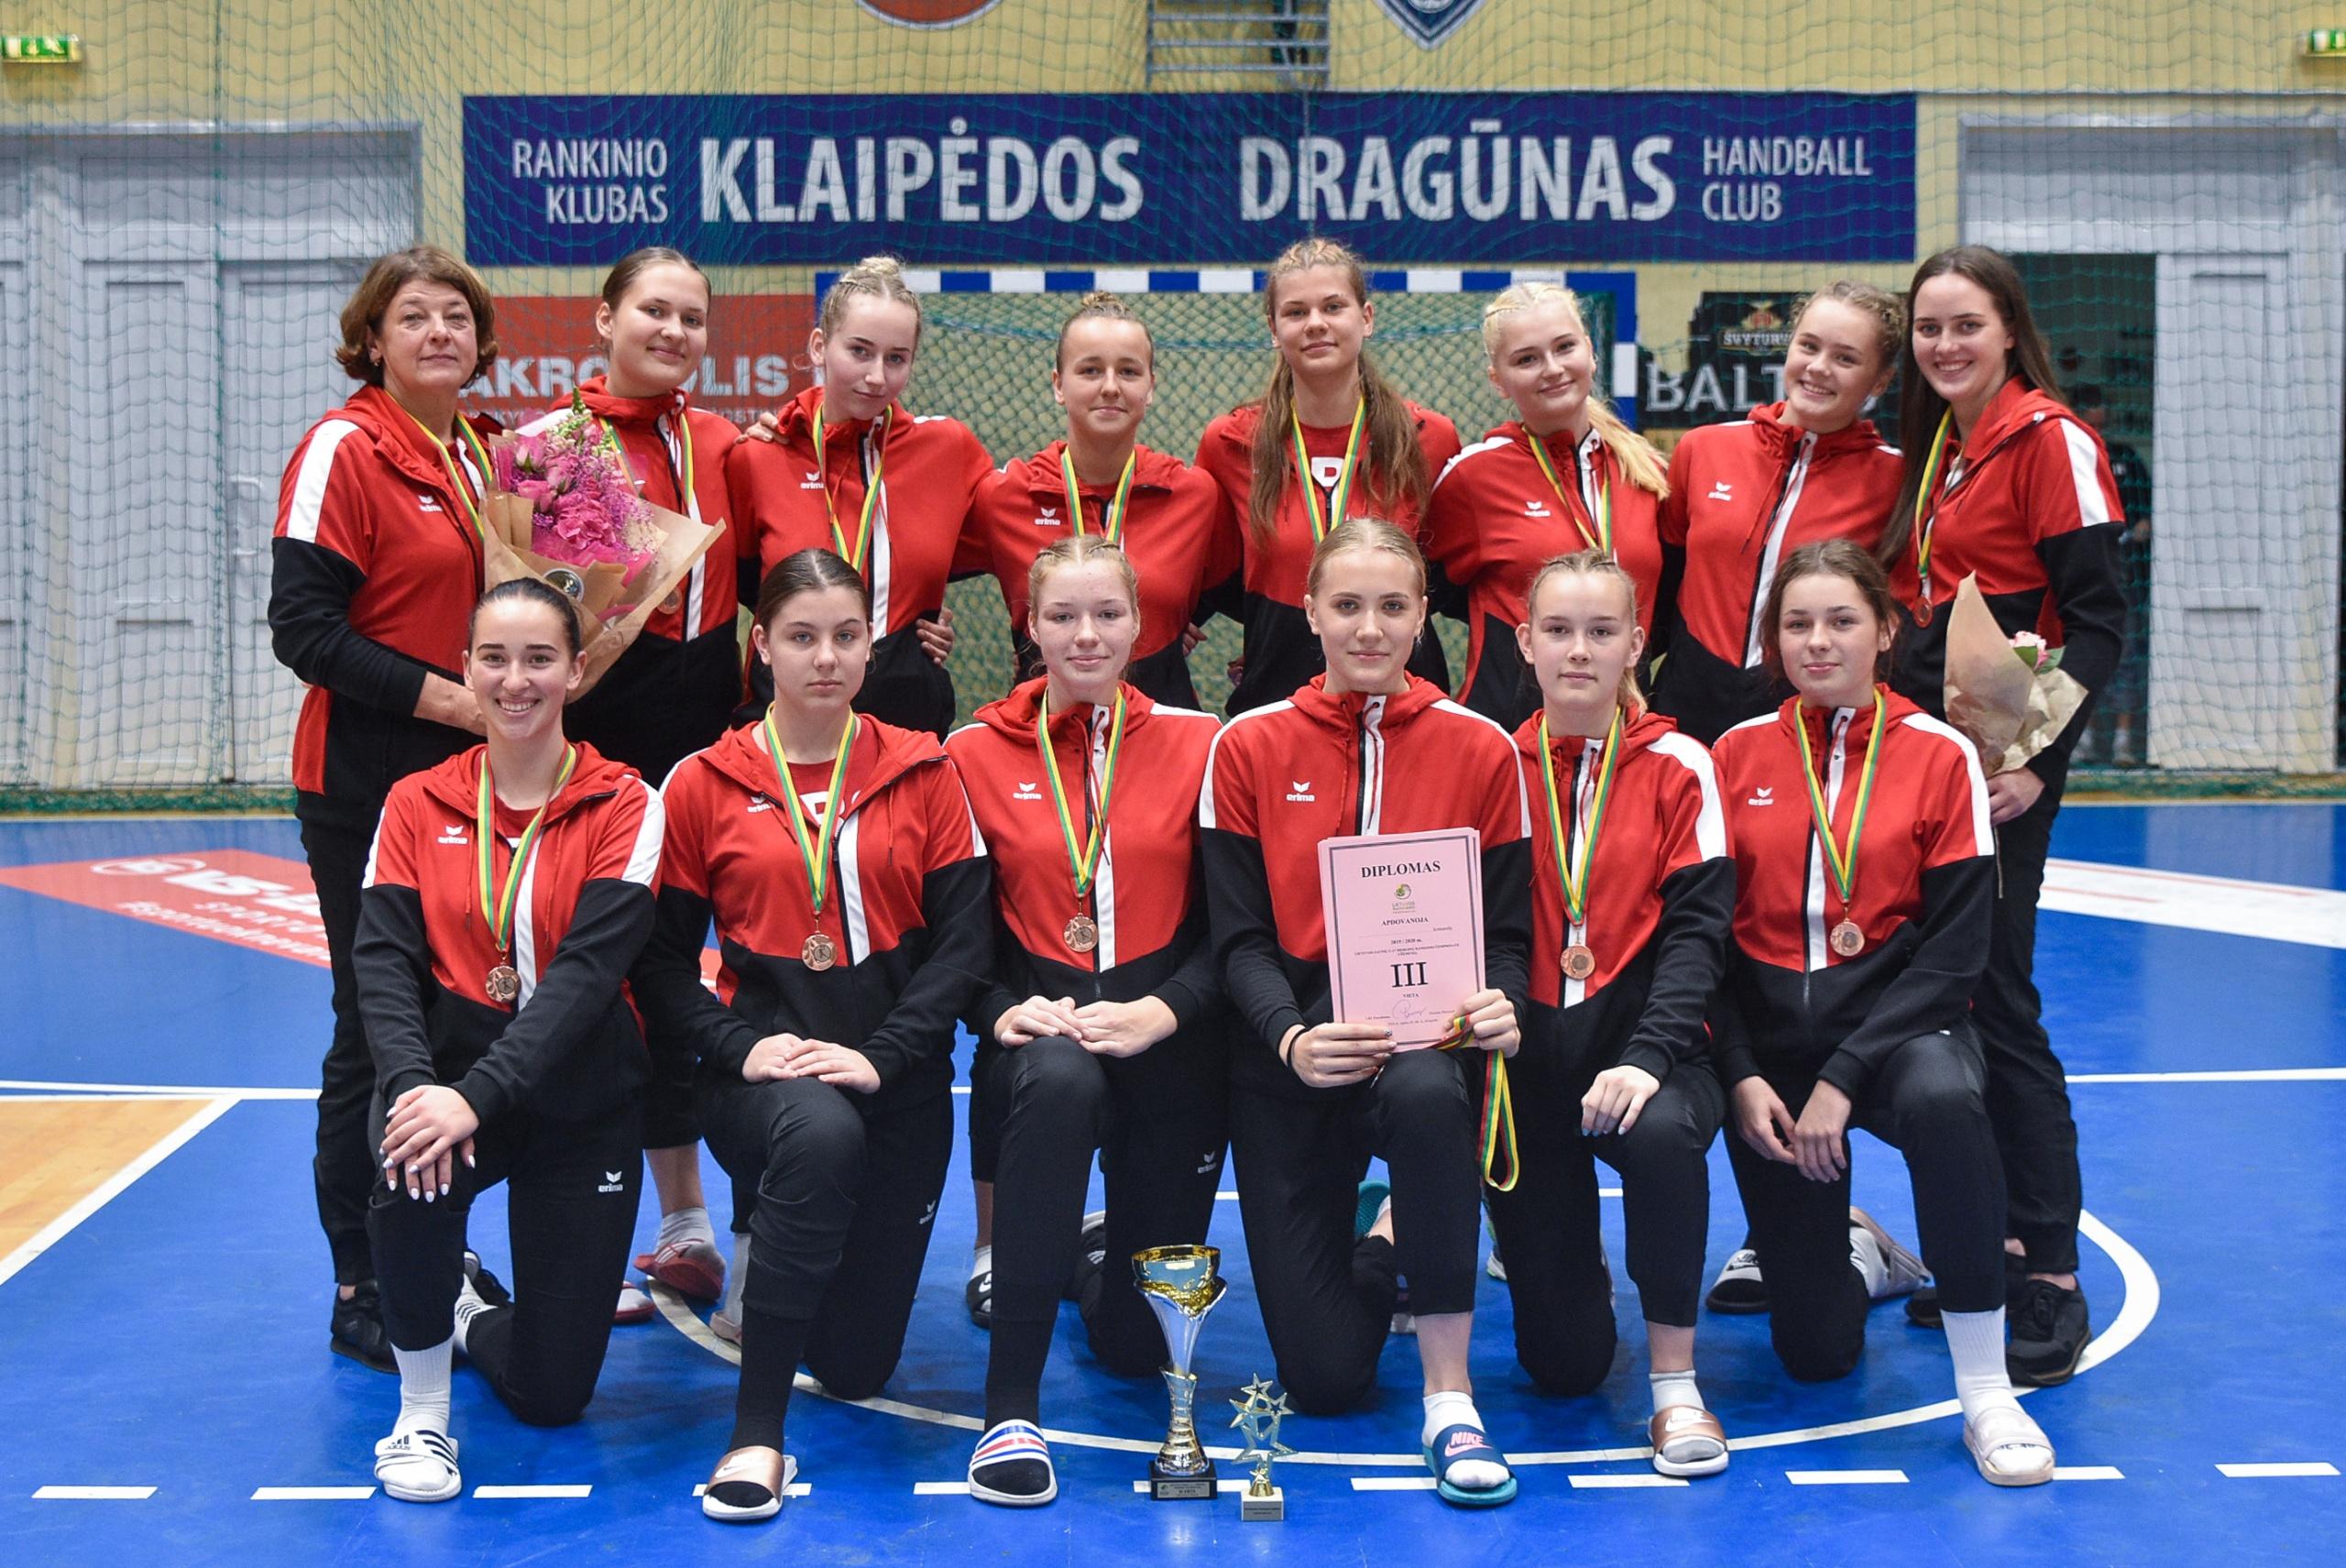 Jaunosios Alytaus rankininkės šalies čempionate iškovojo bronzos medalius 1